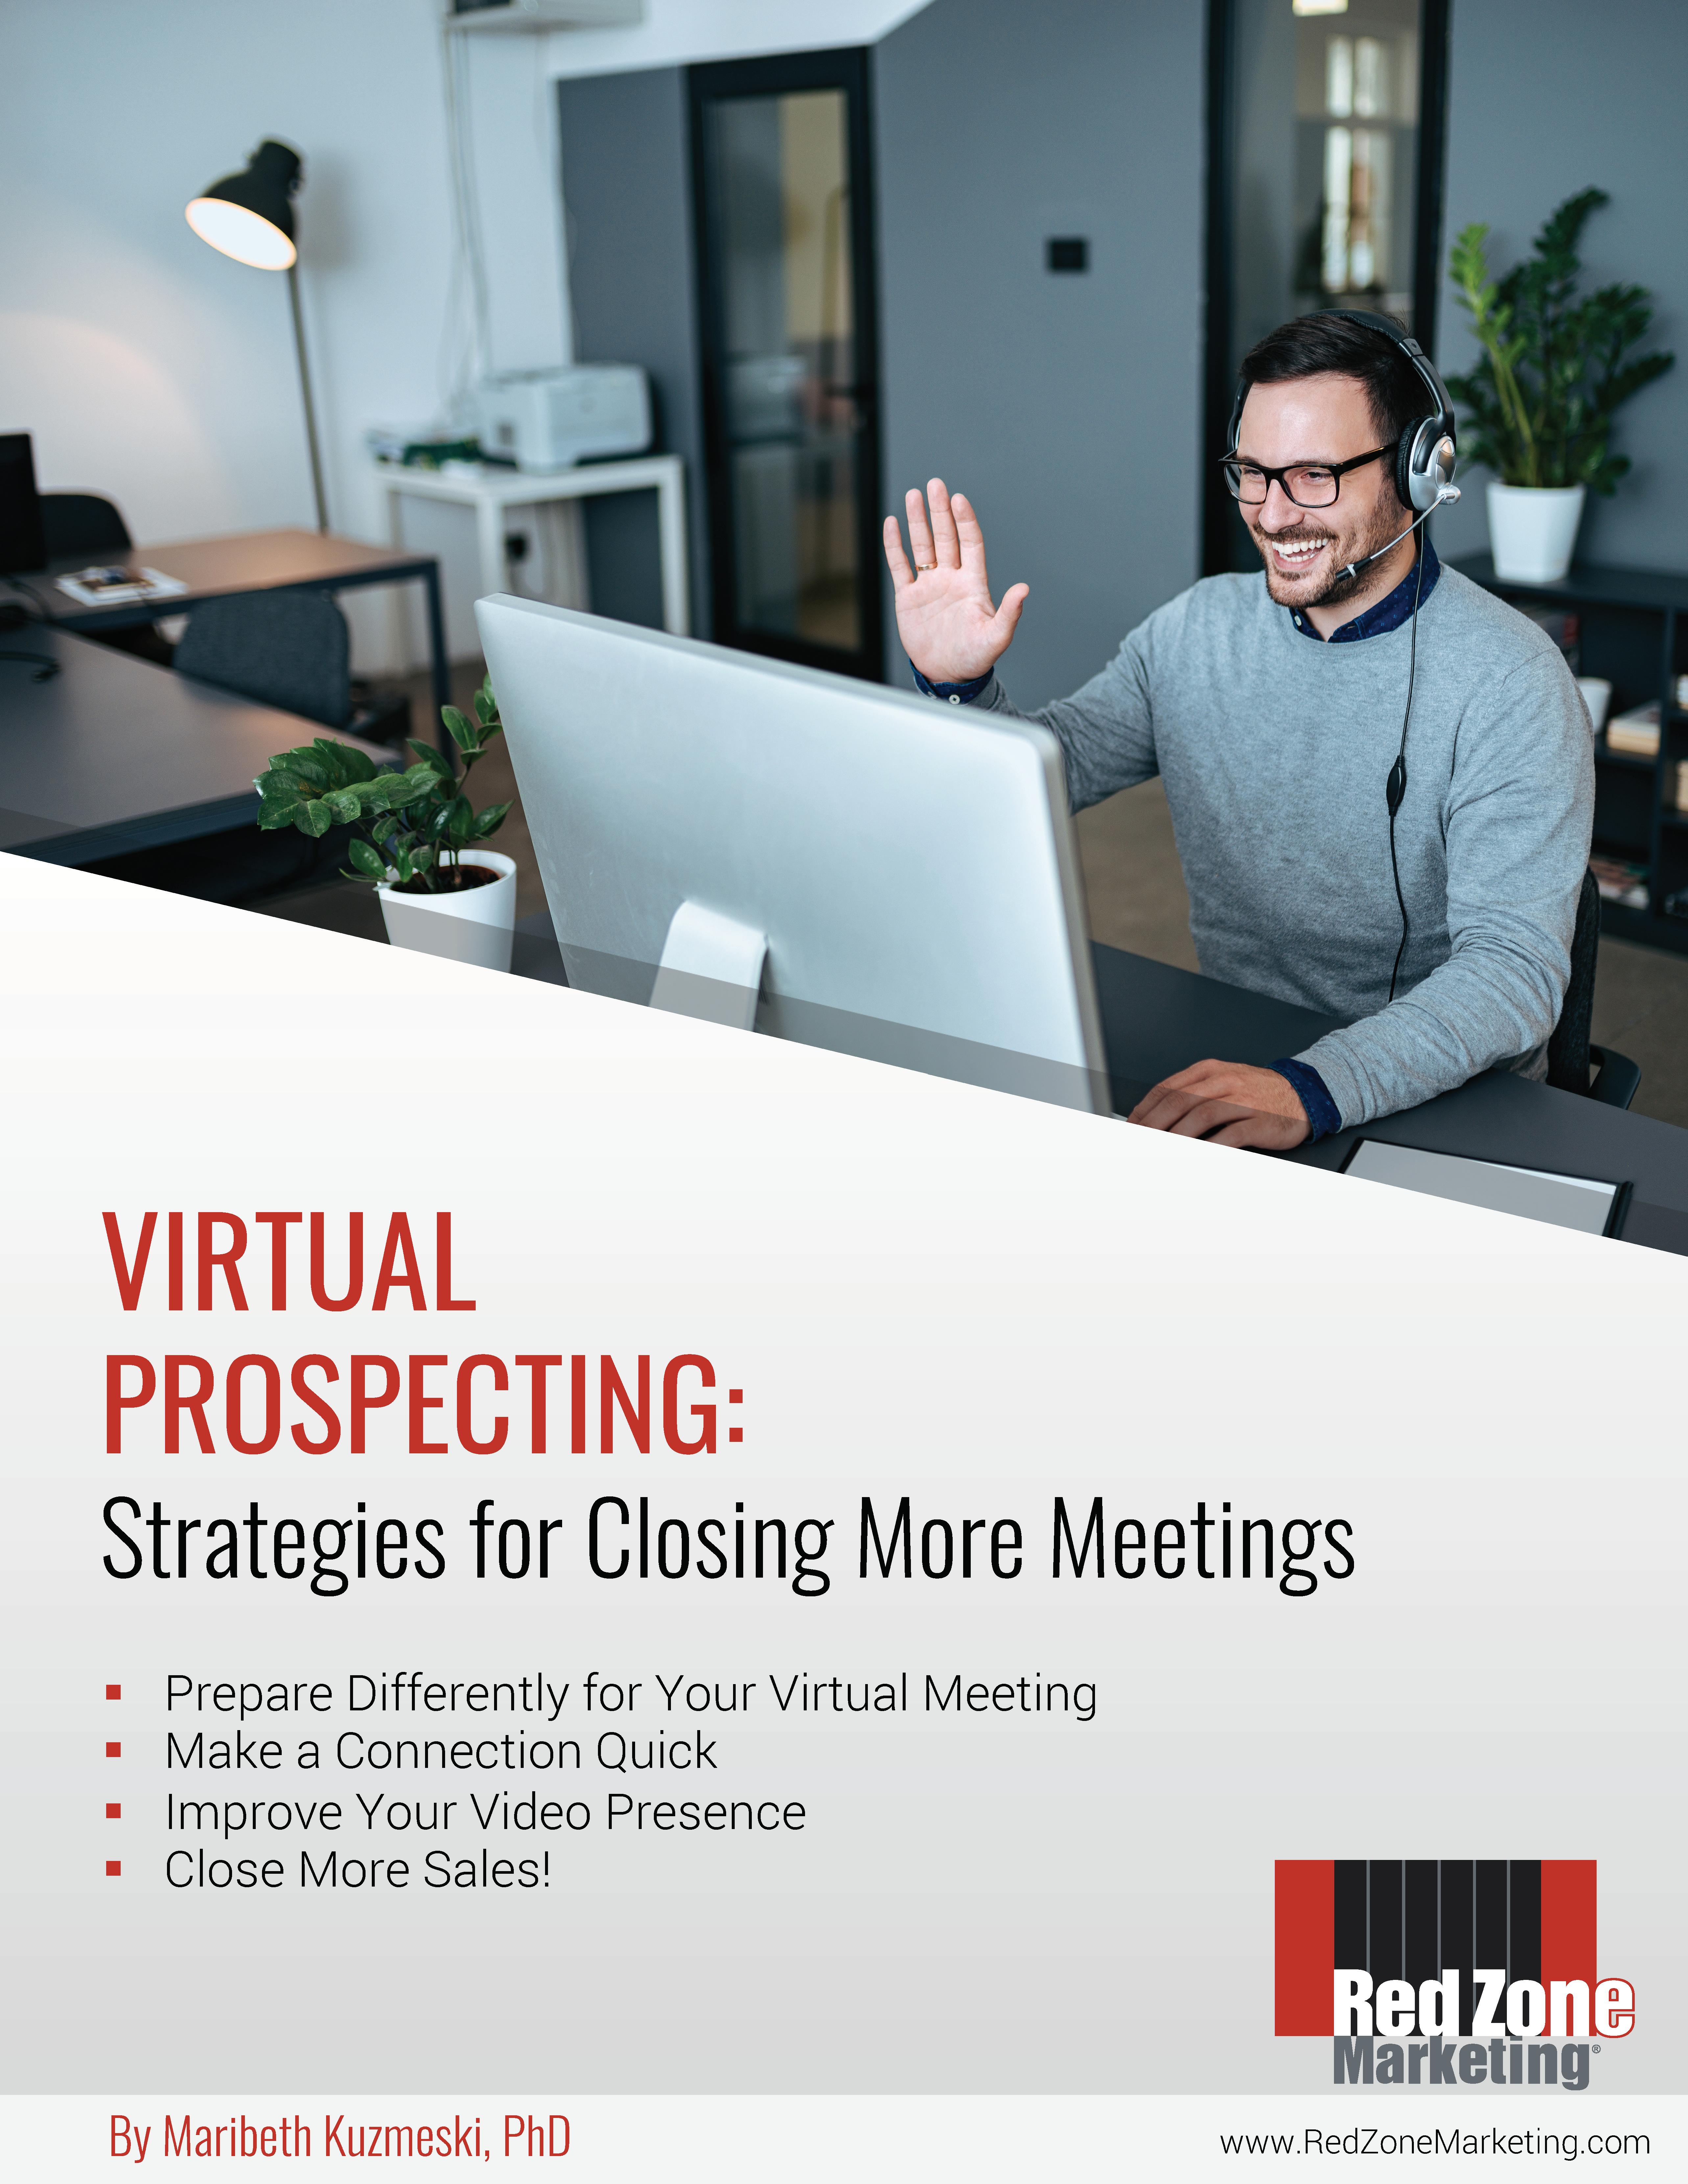 Strategies for closing more meetings